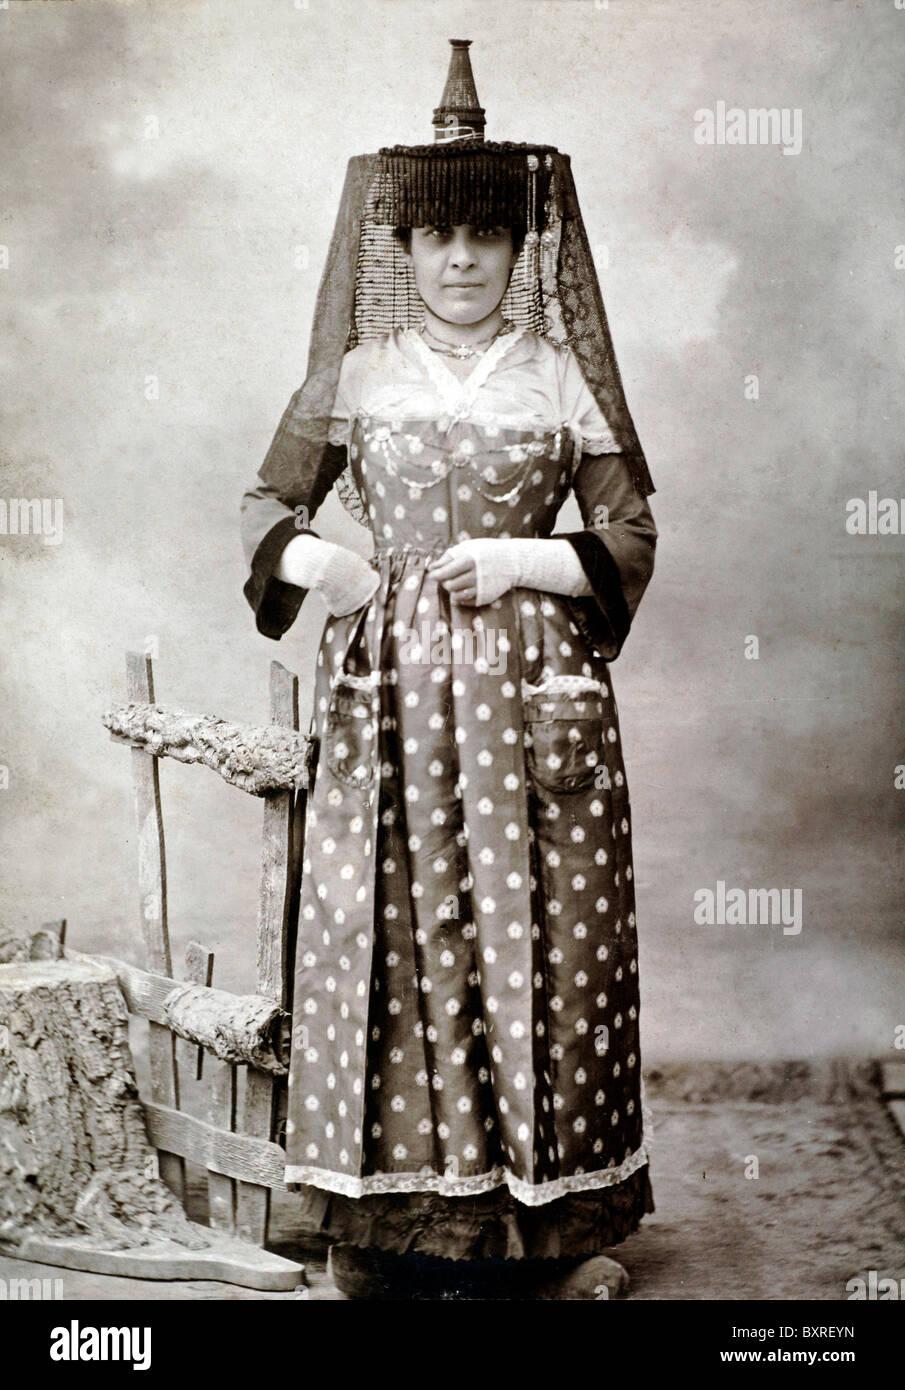 Mujer francesa en el folklore tradicional o traje folclórico de Mâcon, Borgoña, Francia Central (c1900) Imagen De Stock